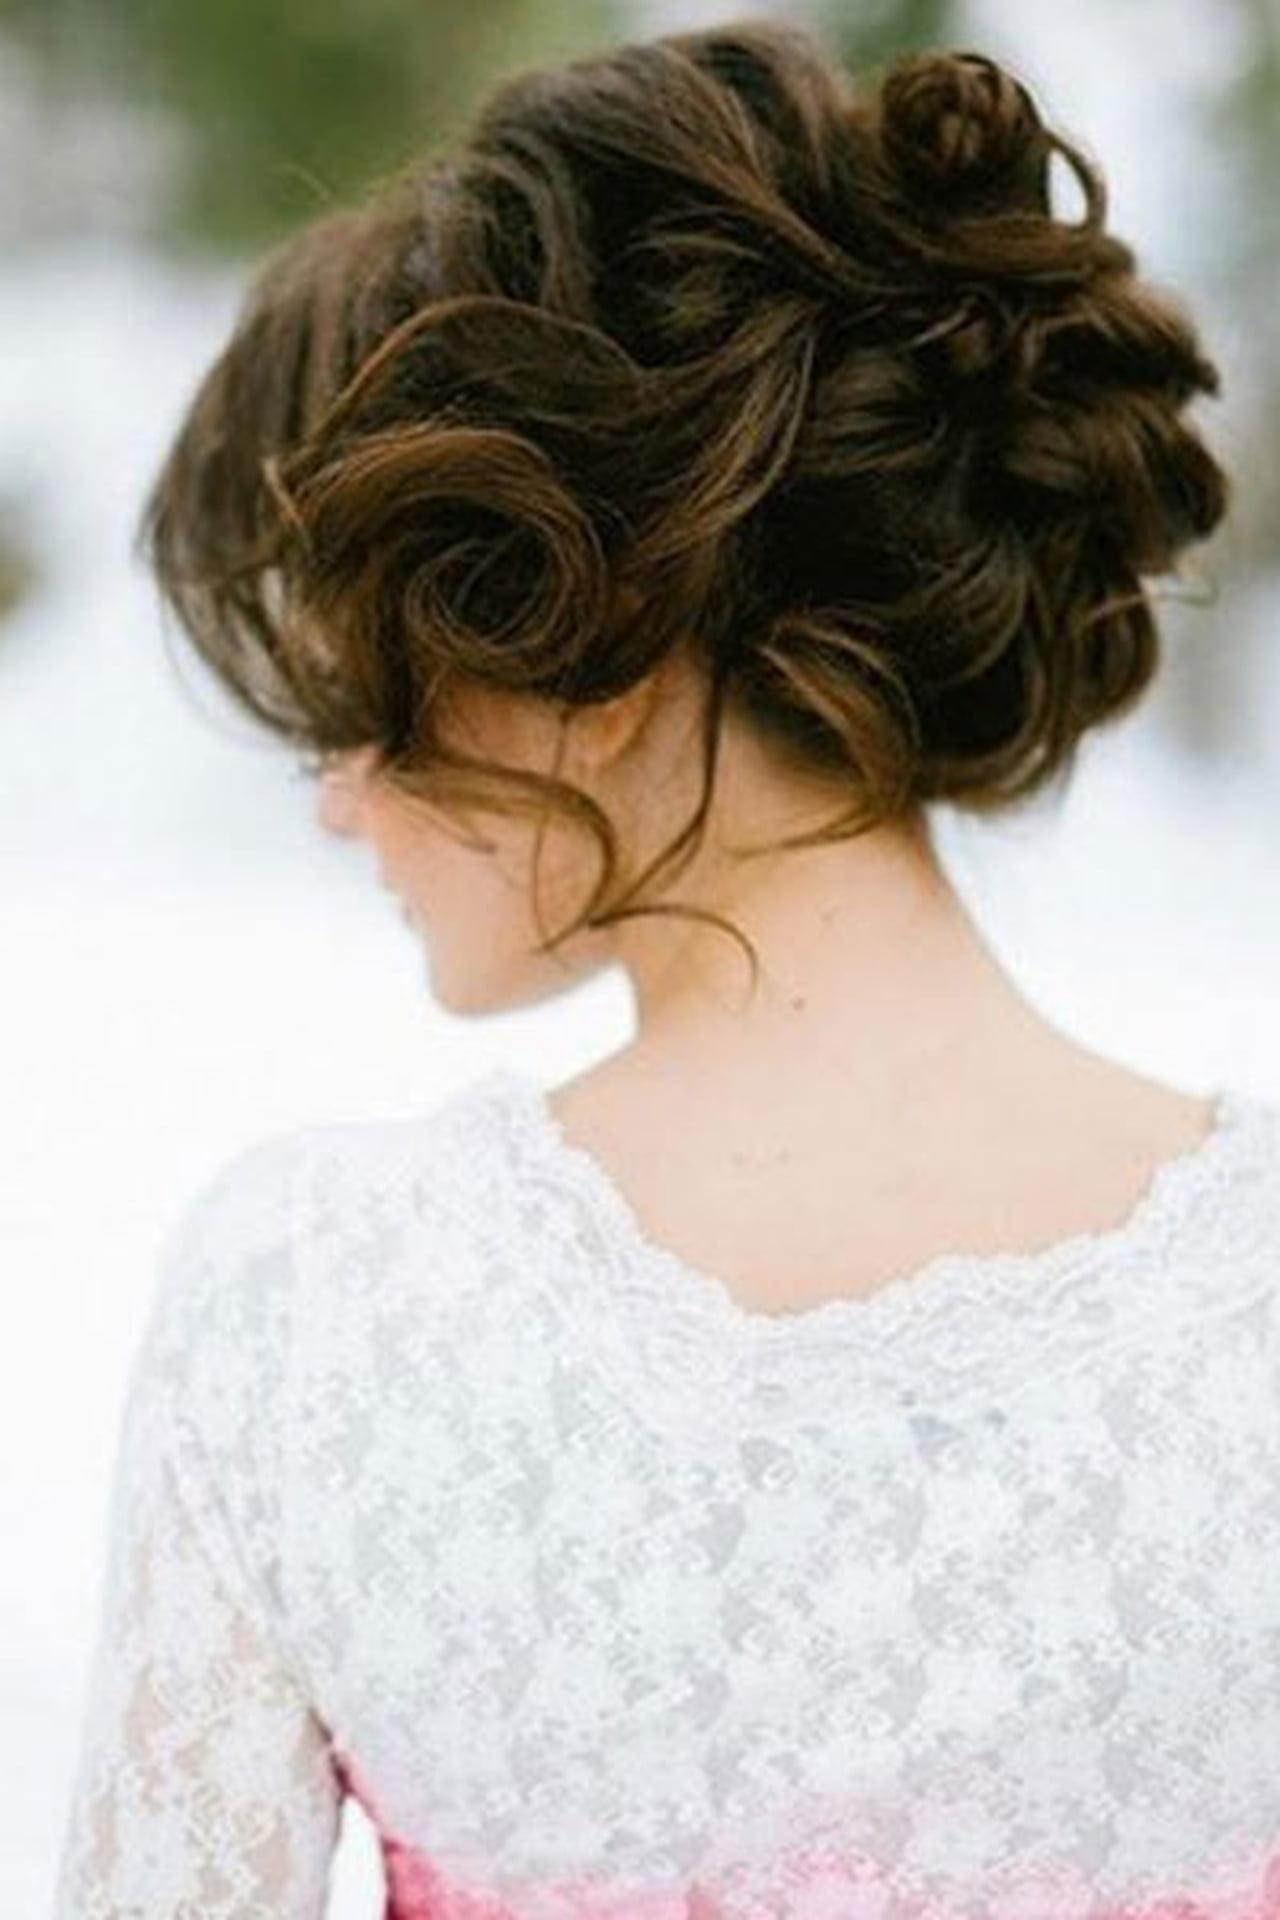 صور تسريحات الشعر المموج , اجدد تريحه للشعر المموج